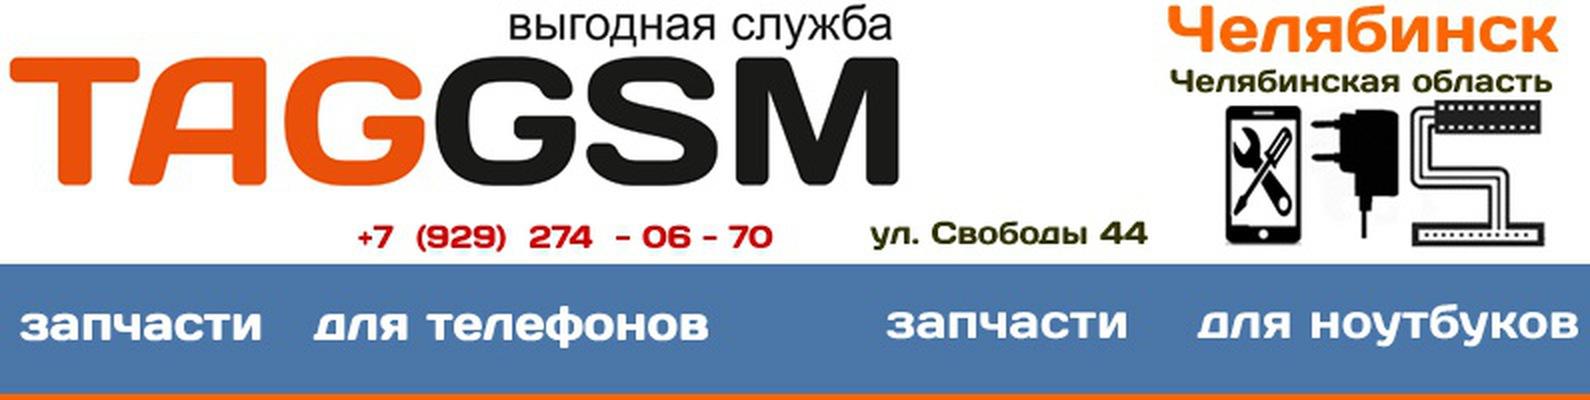 Taggsm Симферополь Интернет Магазин